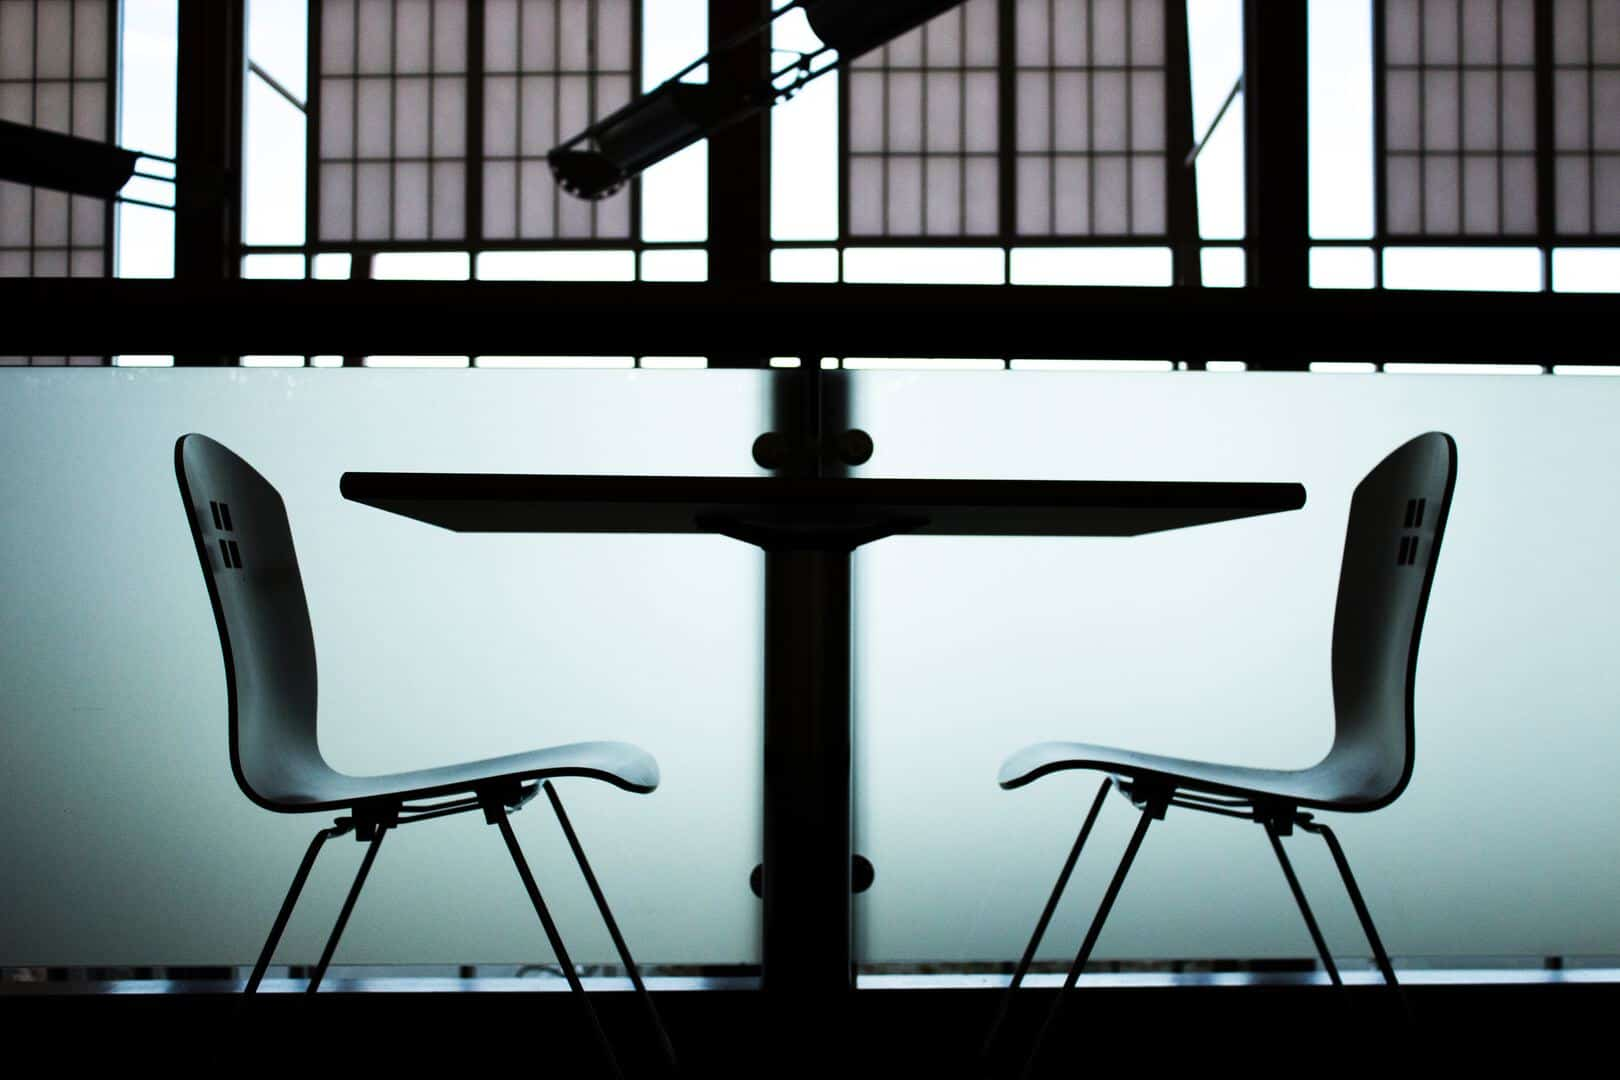 remarcar entrevista de emprego cadeiras mesa ausente - 6 Dicas de como remarcar uma entrevista de emprego sem manchar sua imagem profissional